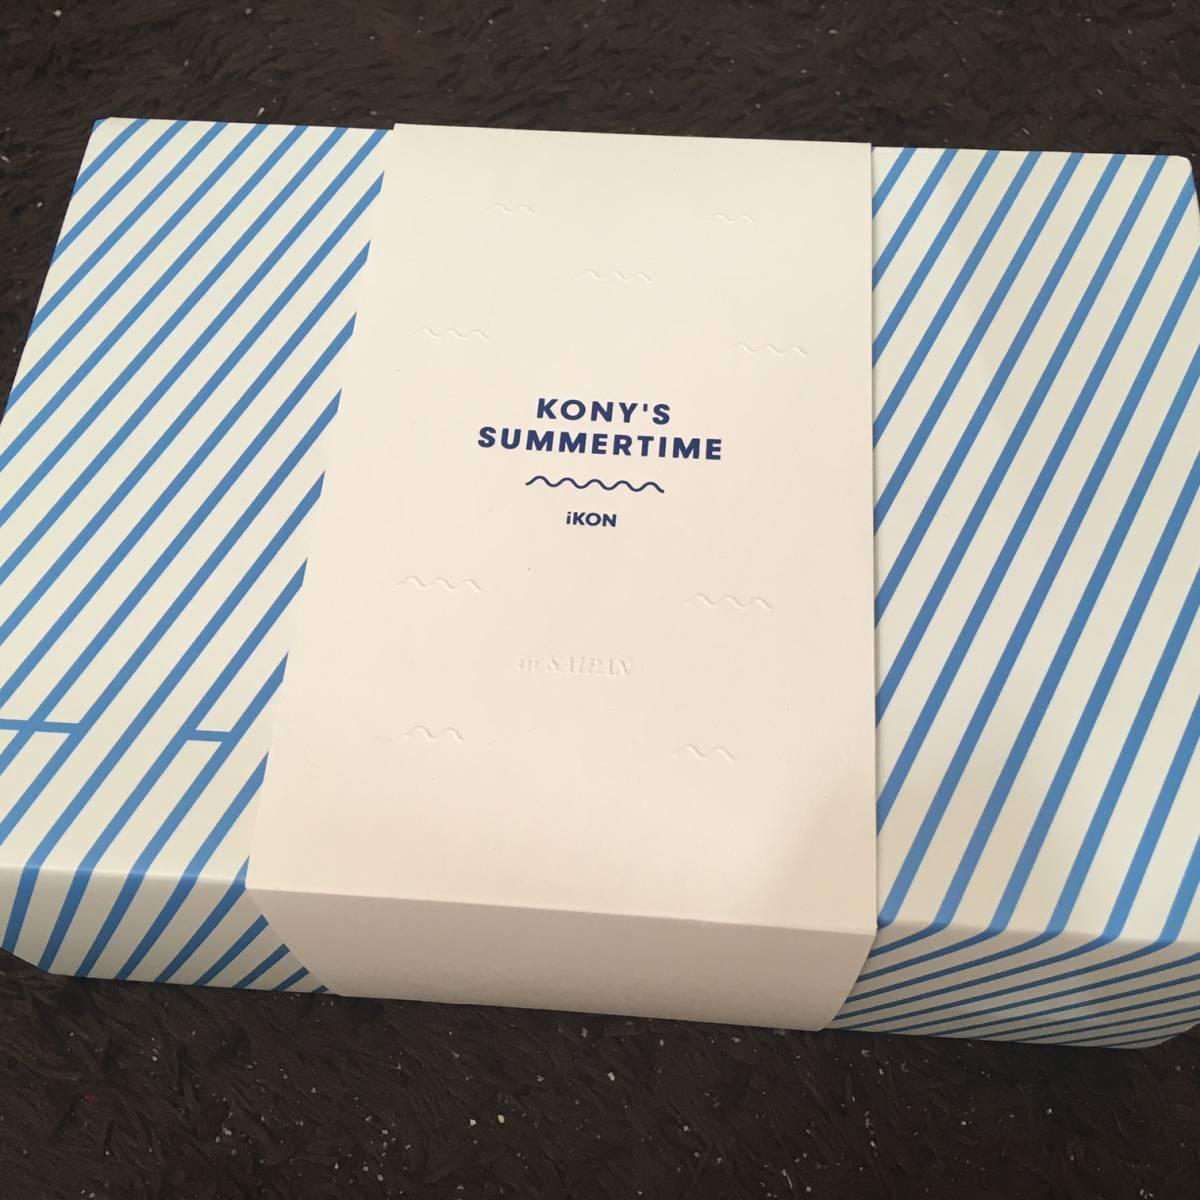 ※初回生産限定盤※ iKON KONY'S SUMMERTIME 2016 ライブグッズの画像